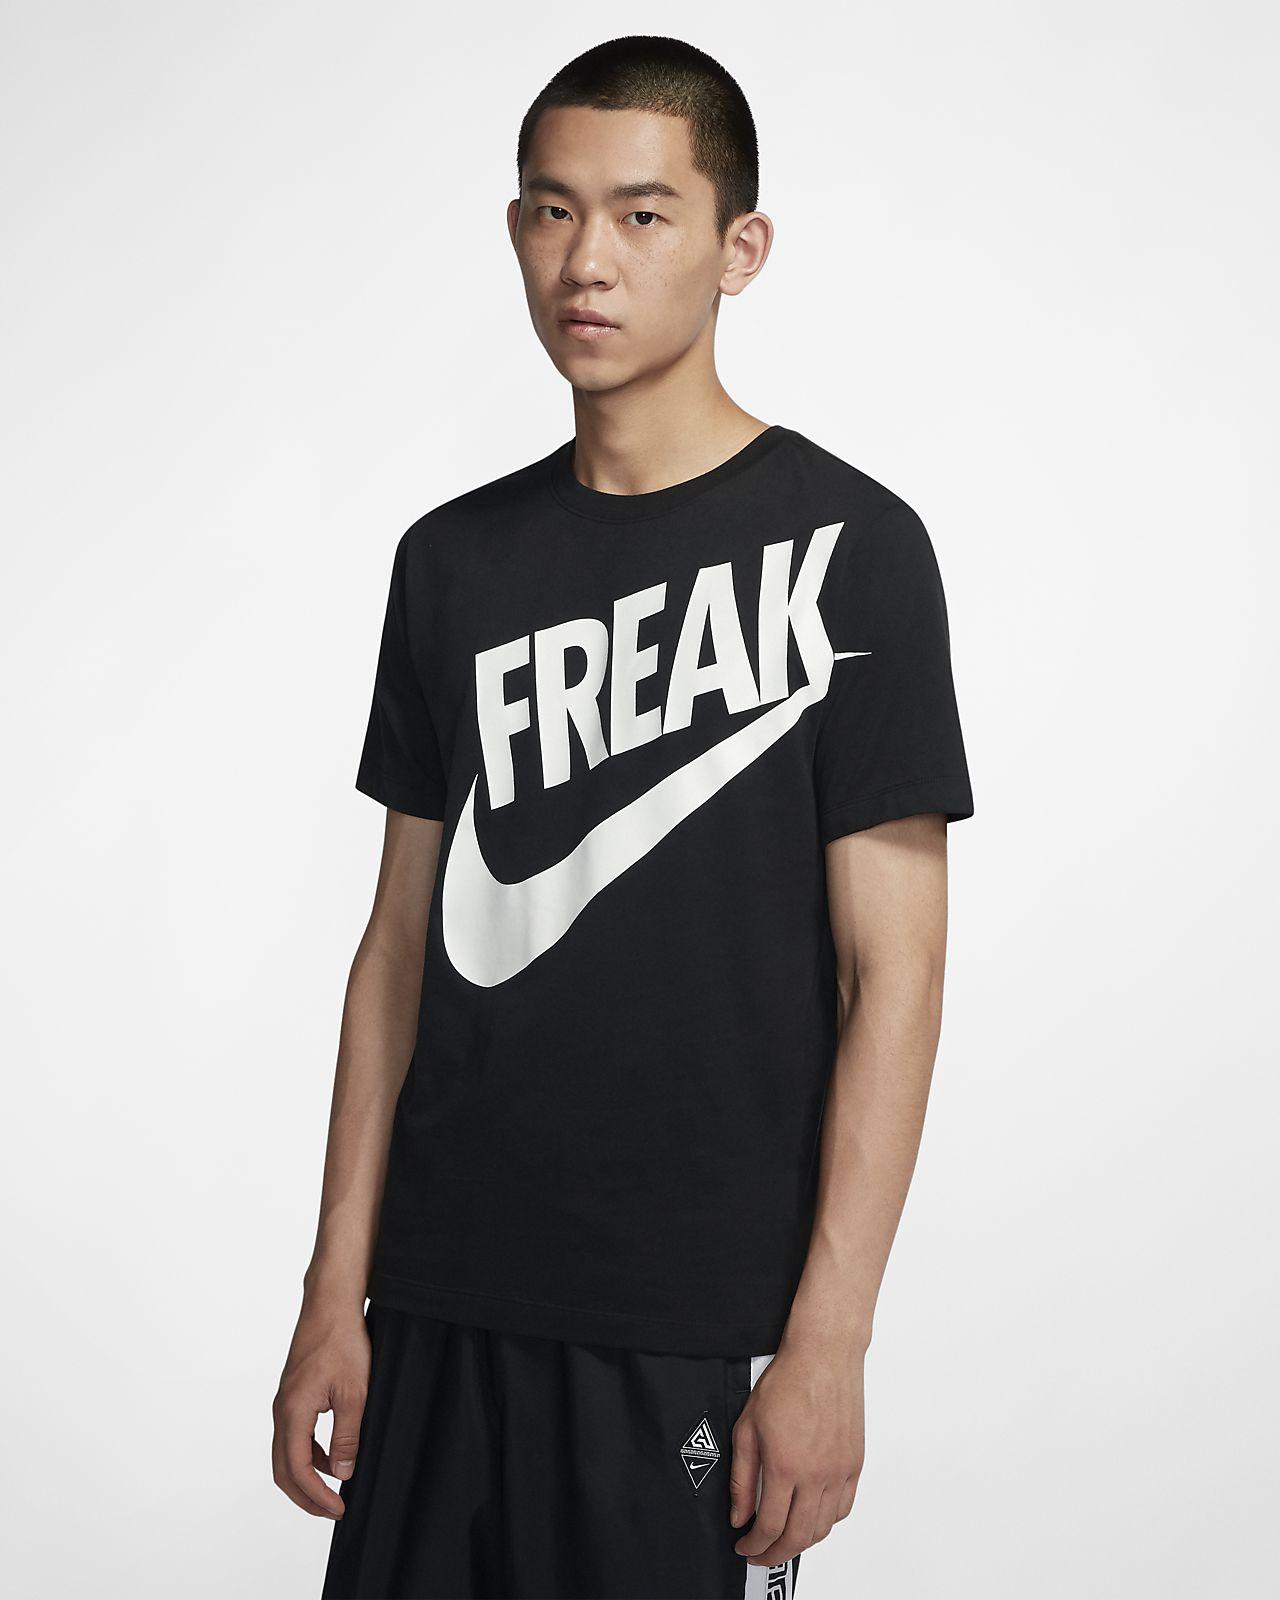 เสื้อยืดบาสเก็ตบอลผู้ชาย Giannis Nike Dri-FIT